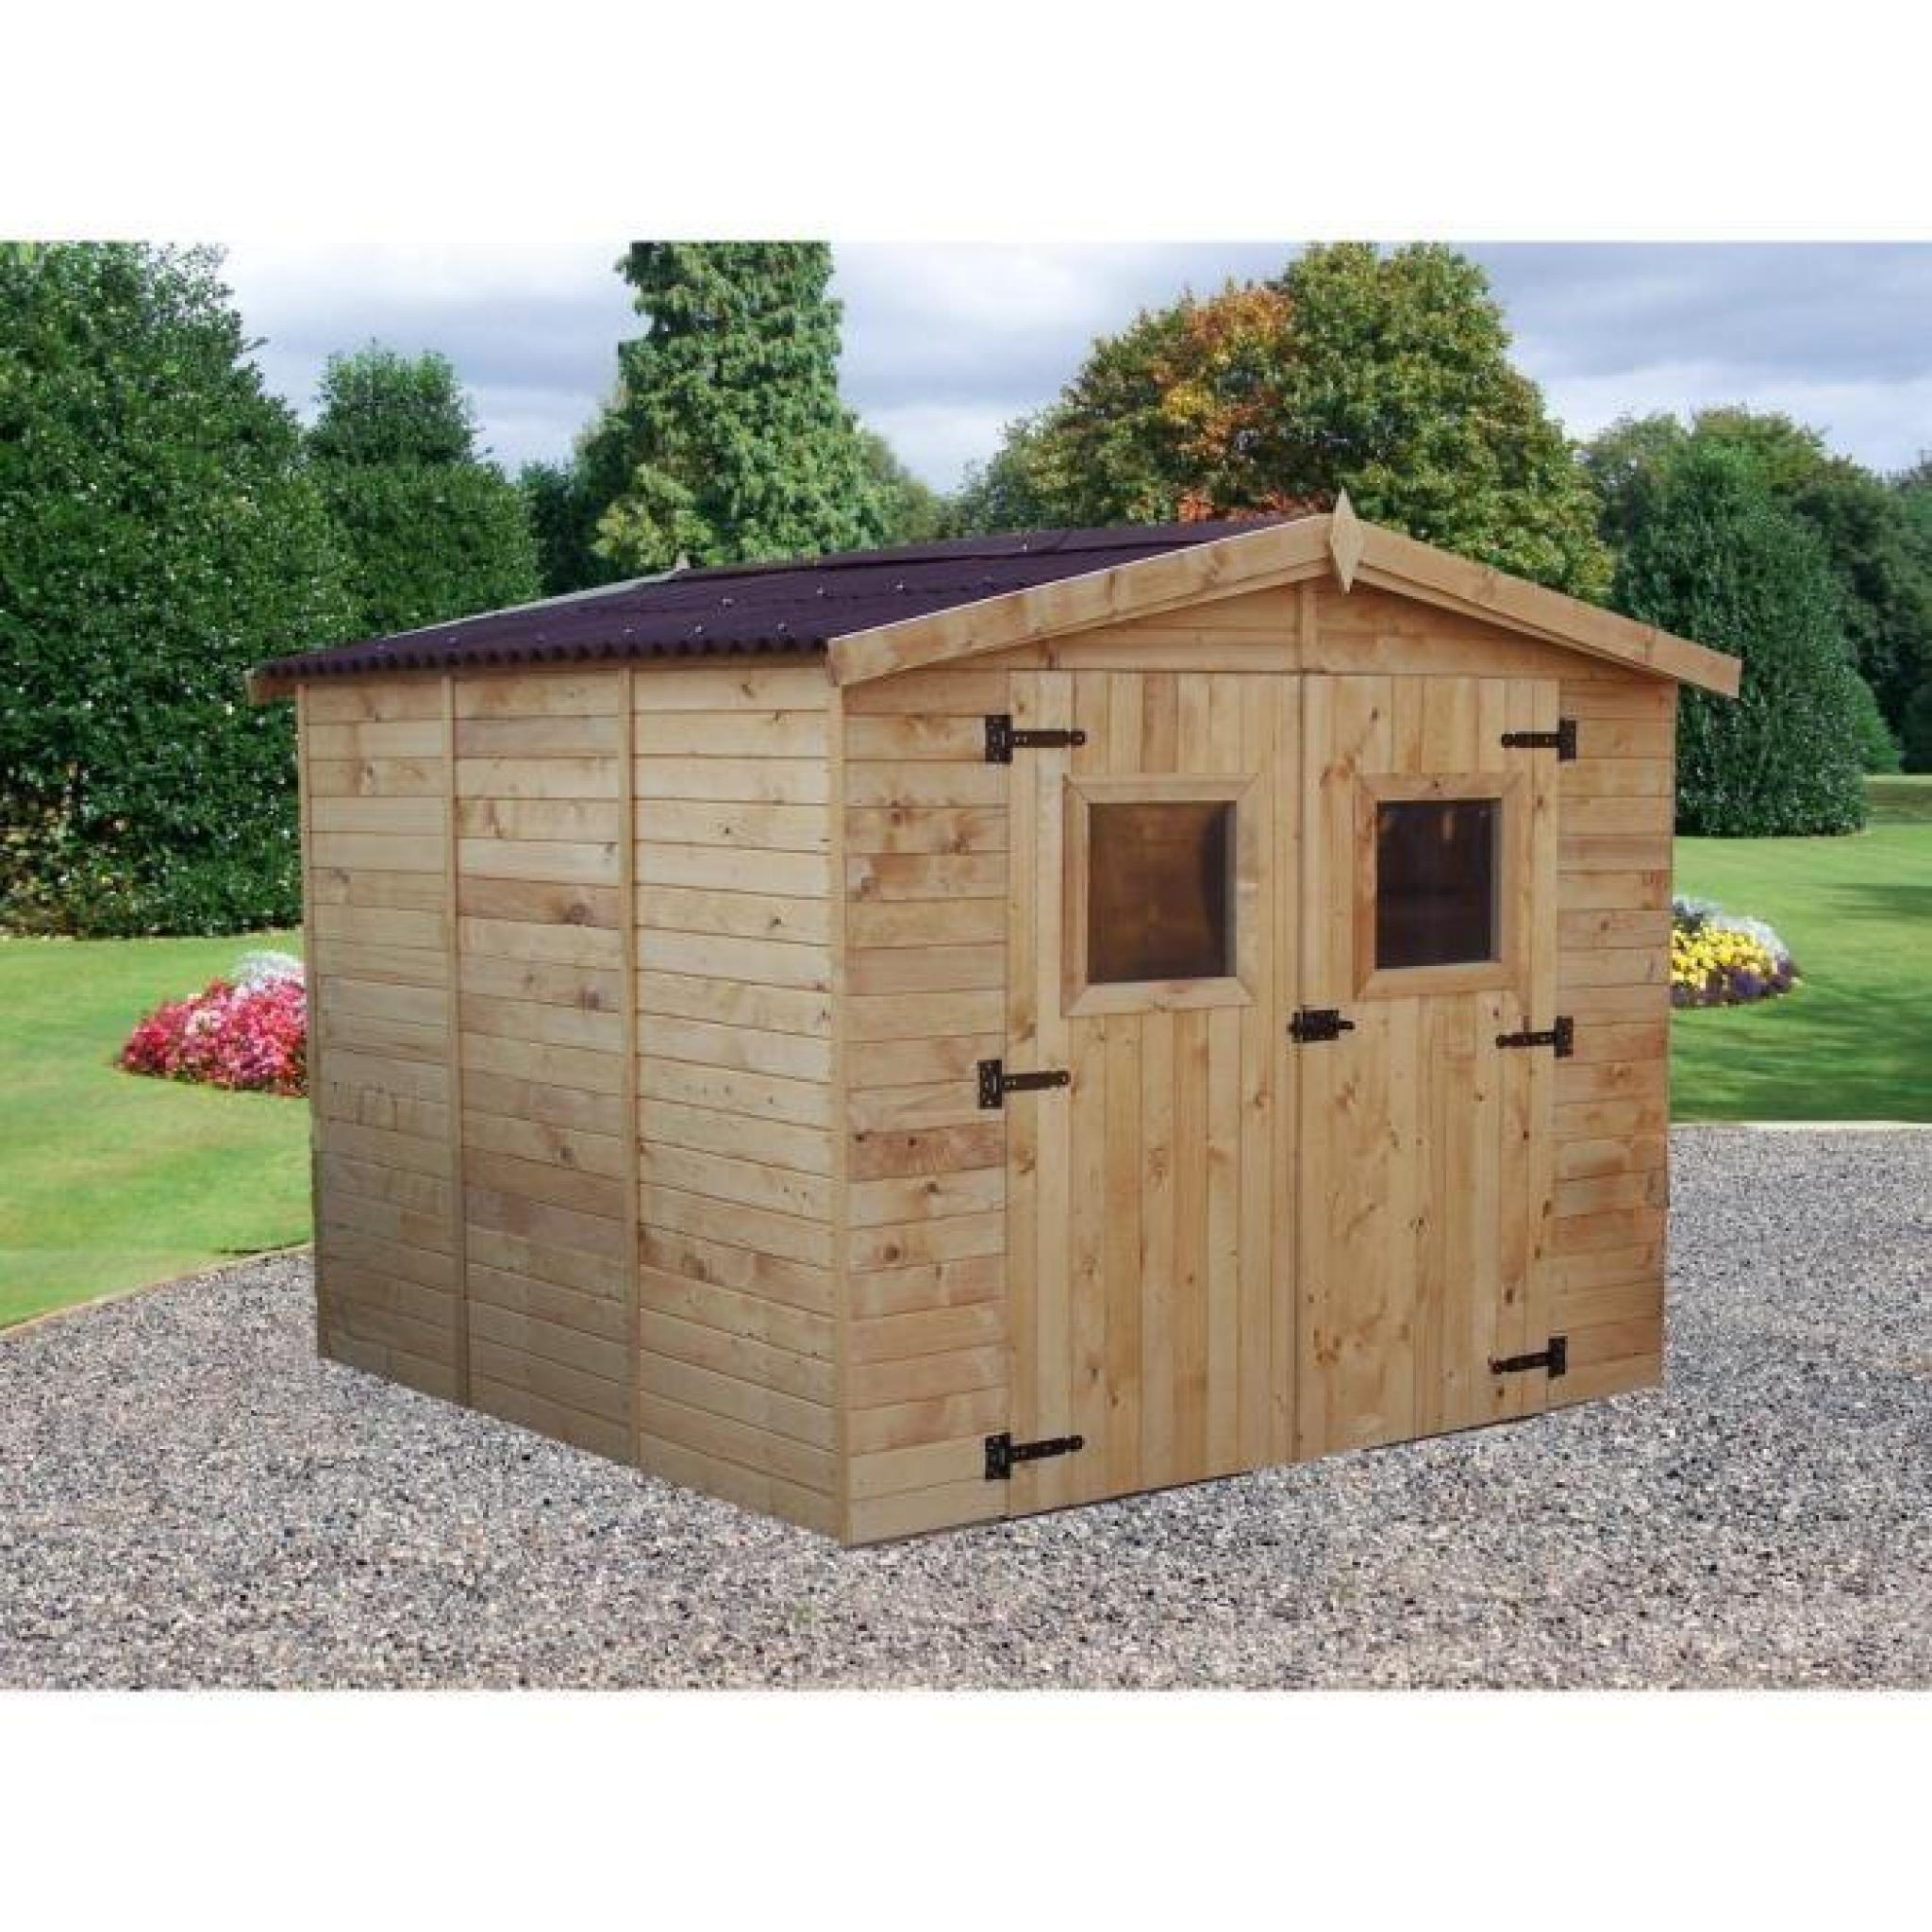 Abri de jardin 7 20m en bois toiture en plaques - Rouleau bitume toiture abri de jardin ...